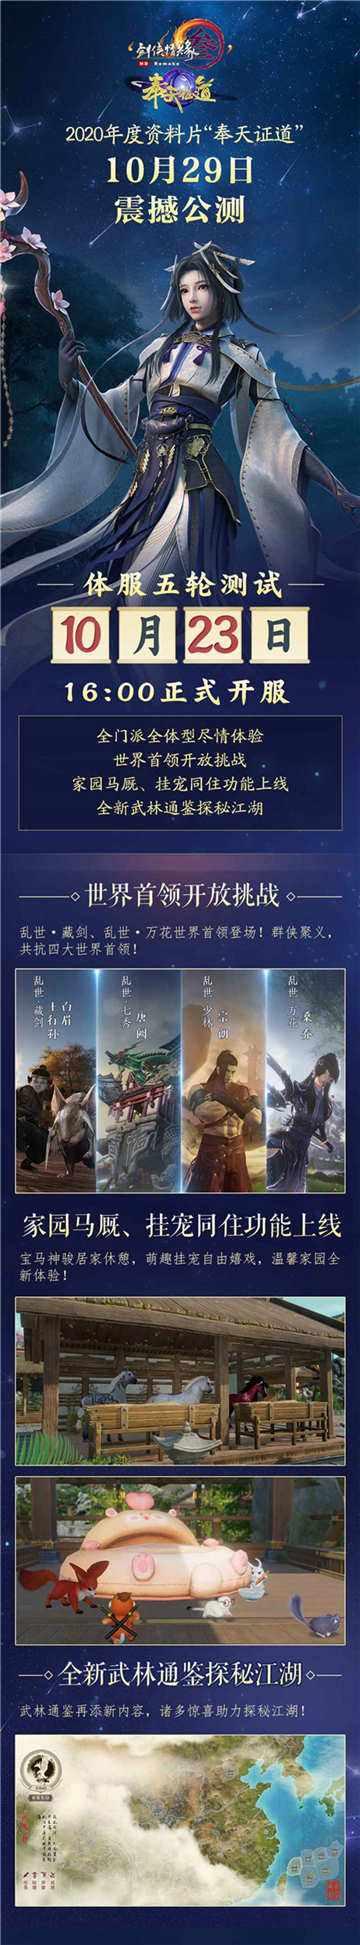 """""""奉天证道""""CG惊世首映 《剑网3》年度资料片10月29日公测"""